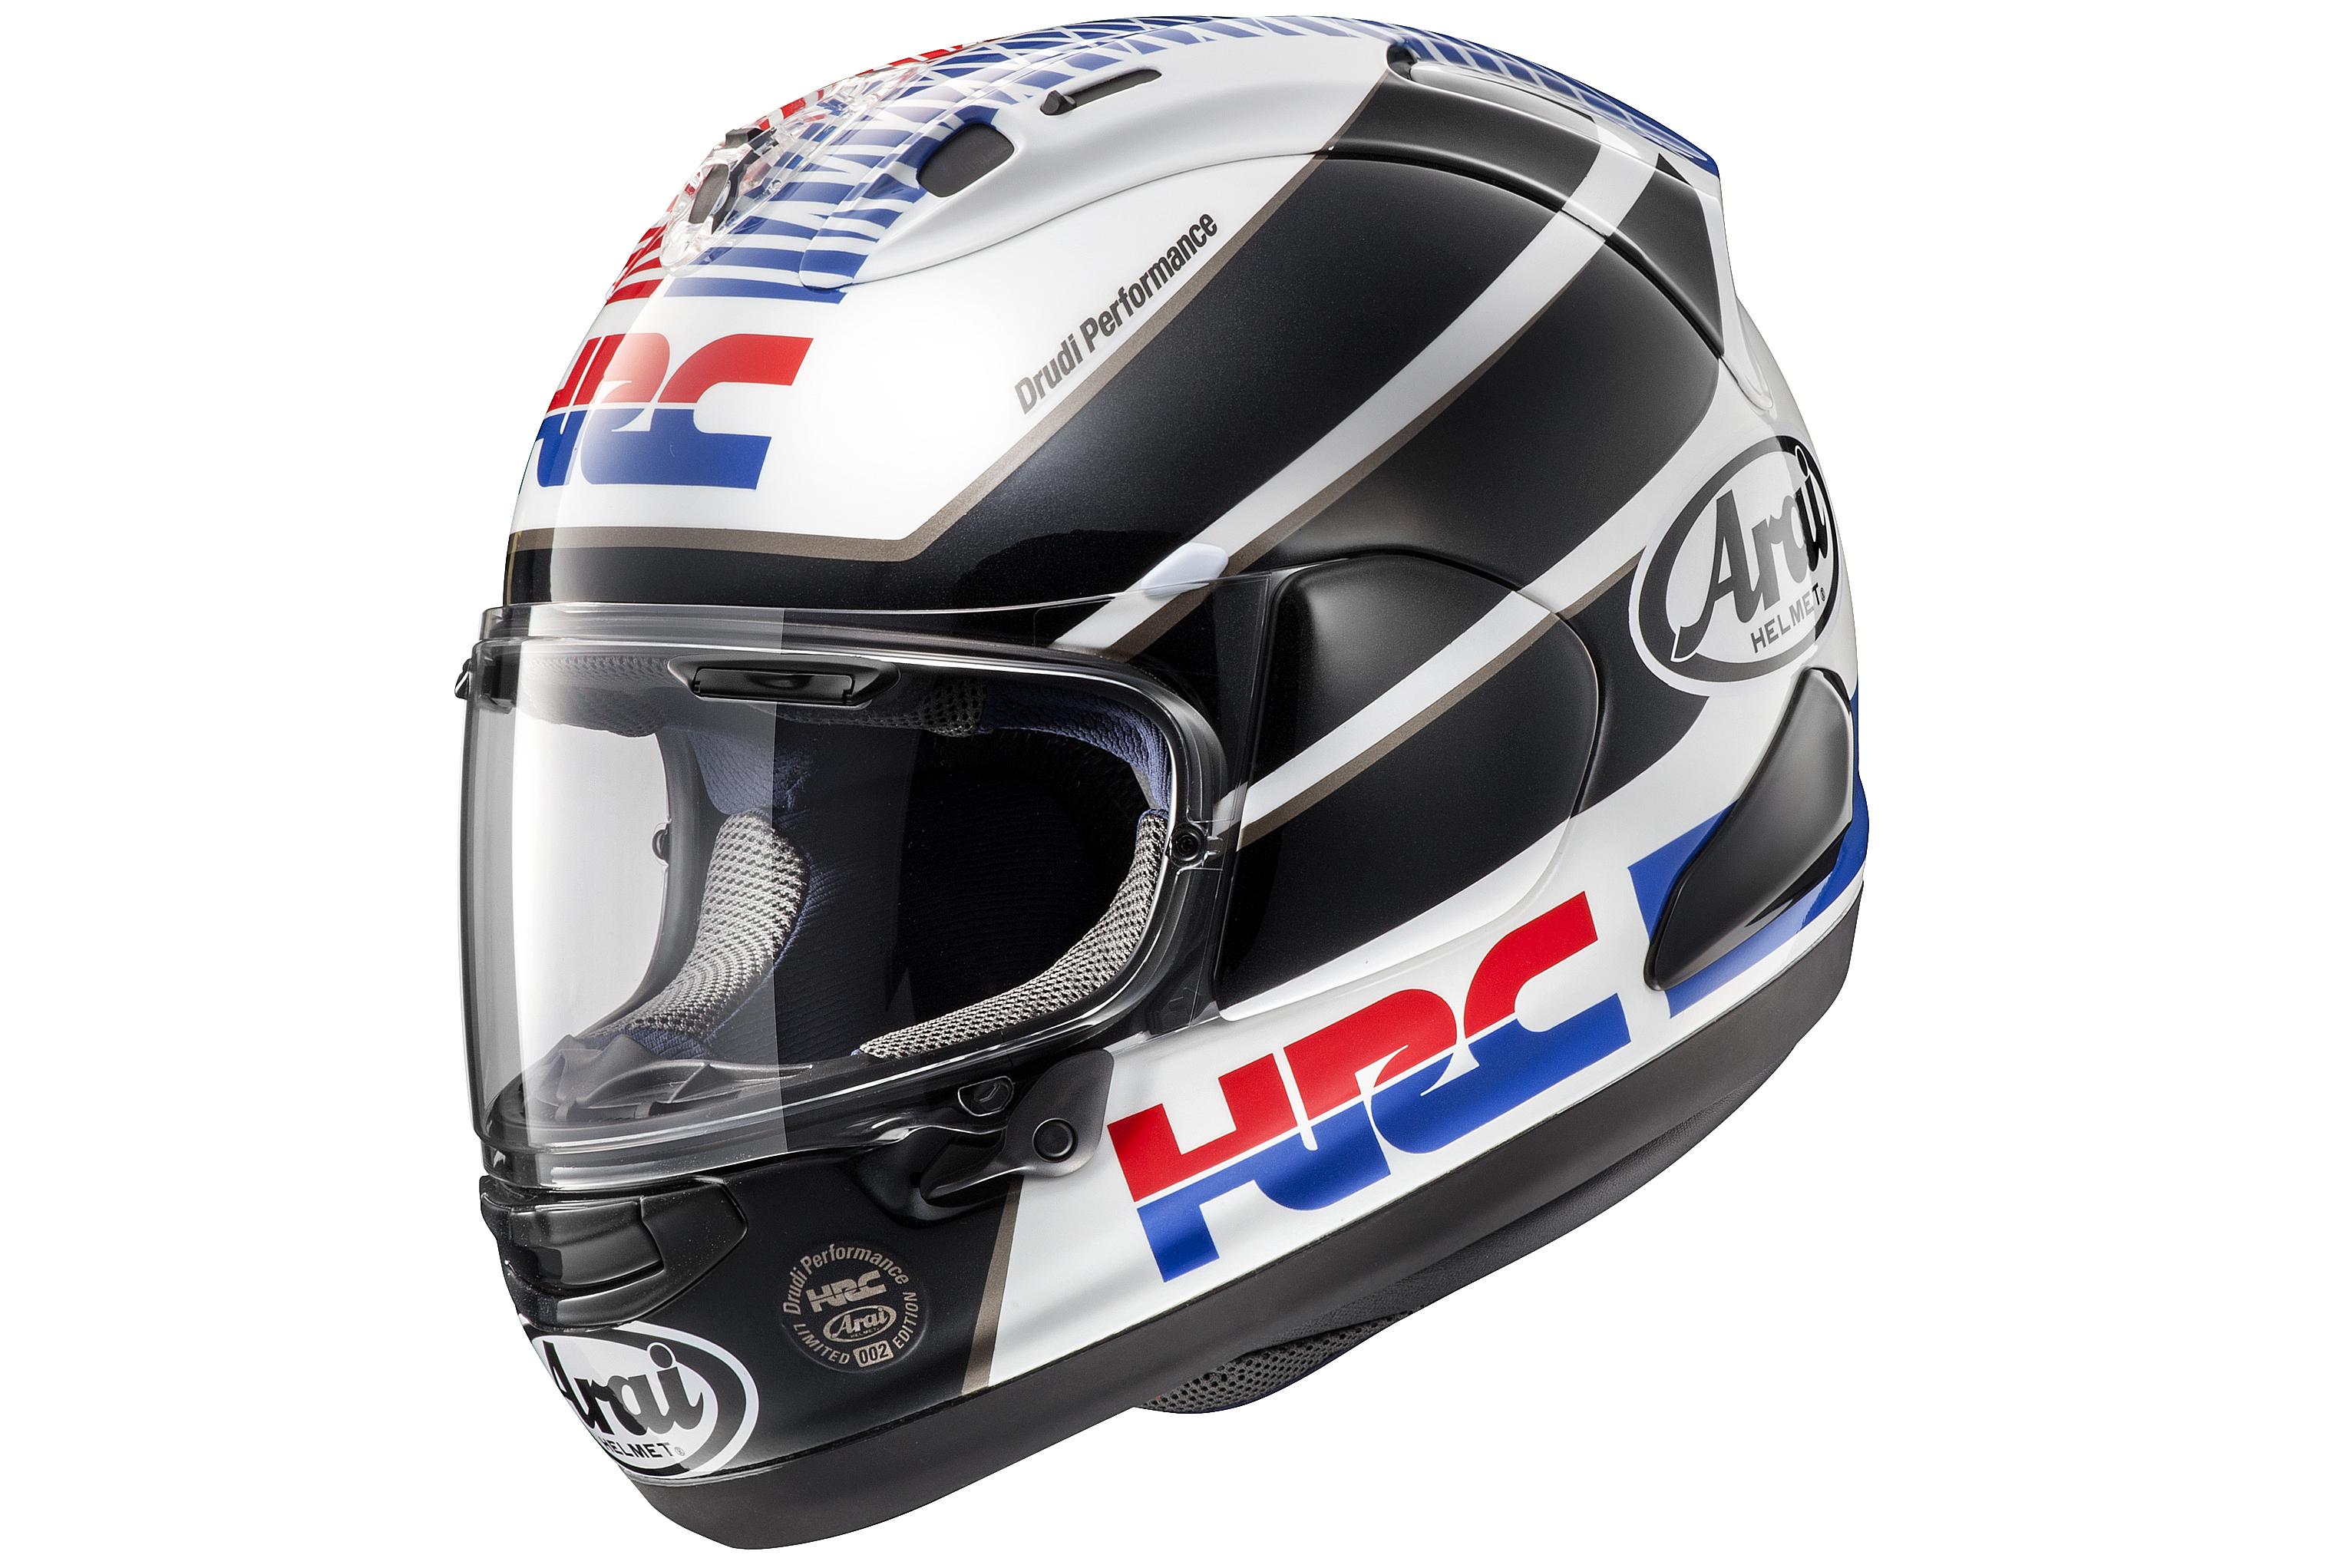 New limited edition Arai RX-7V HRC